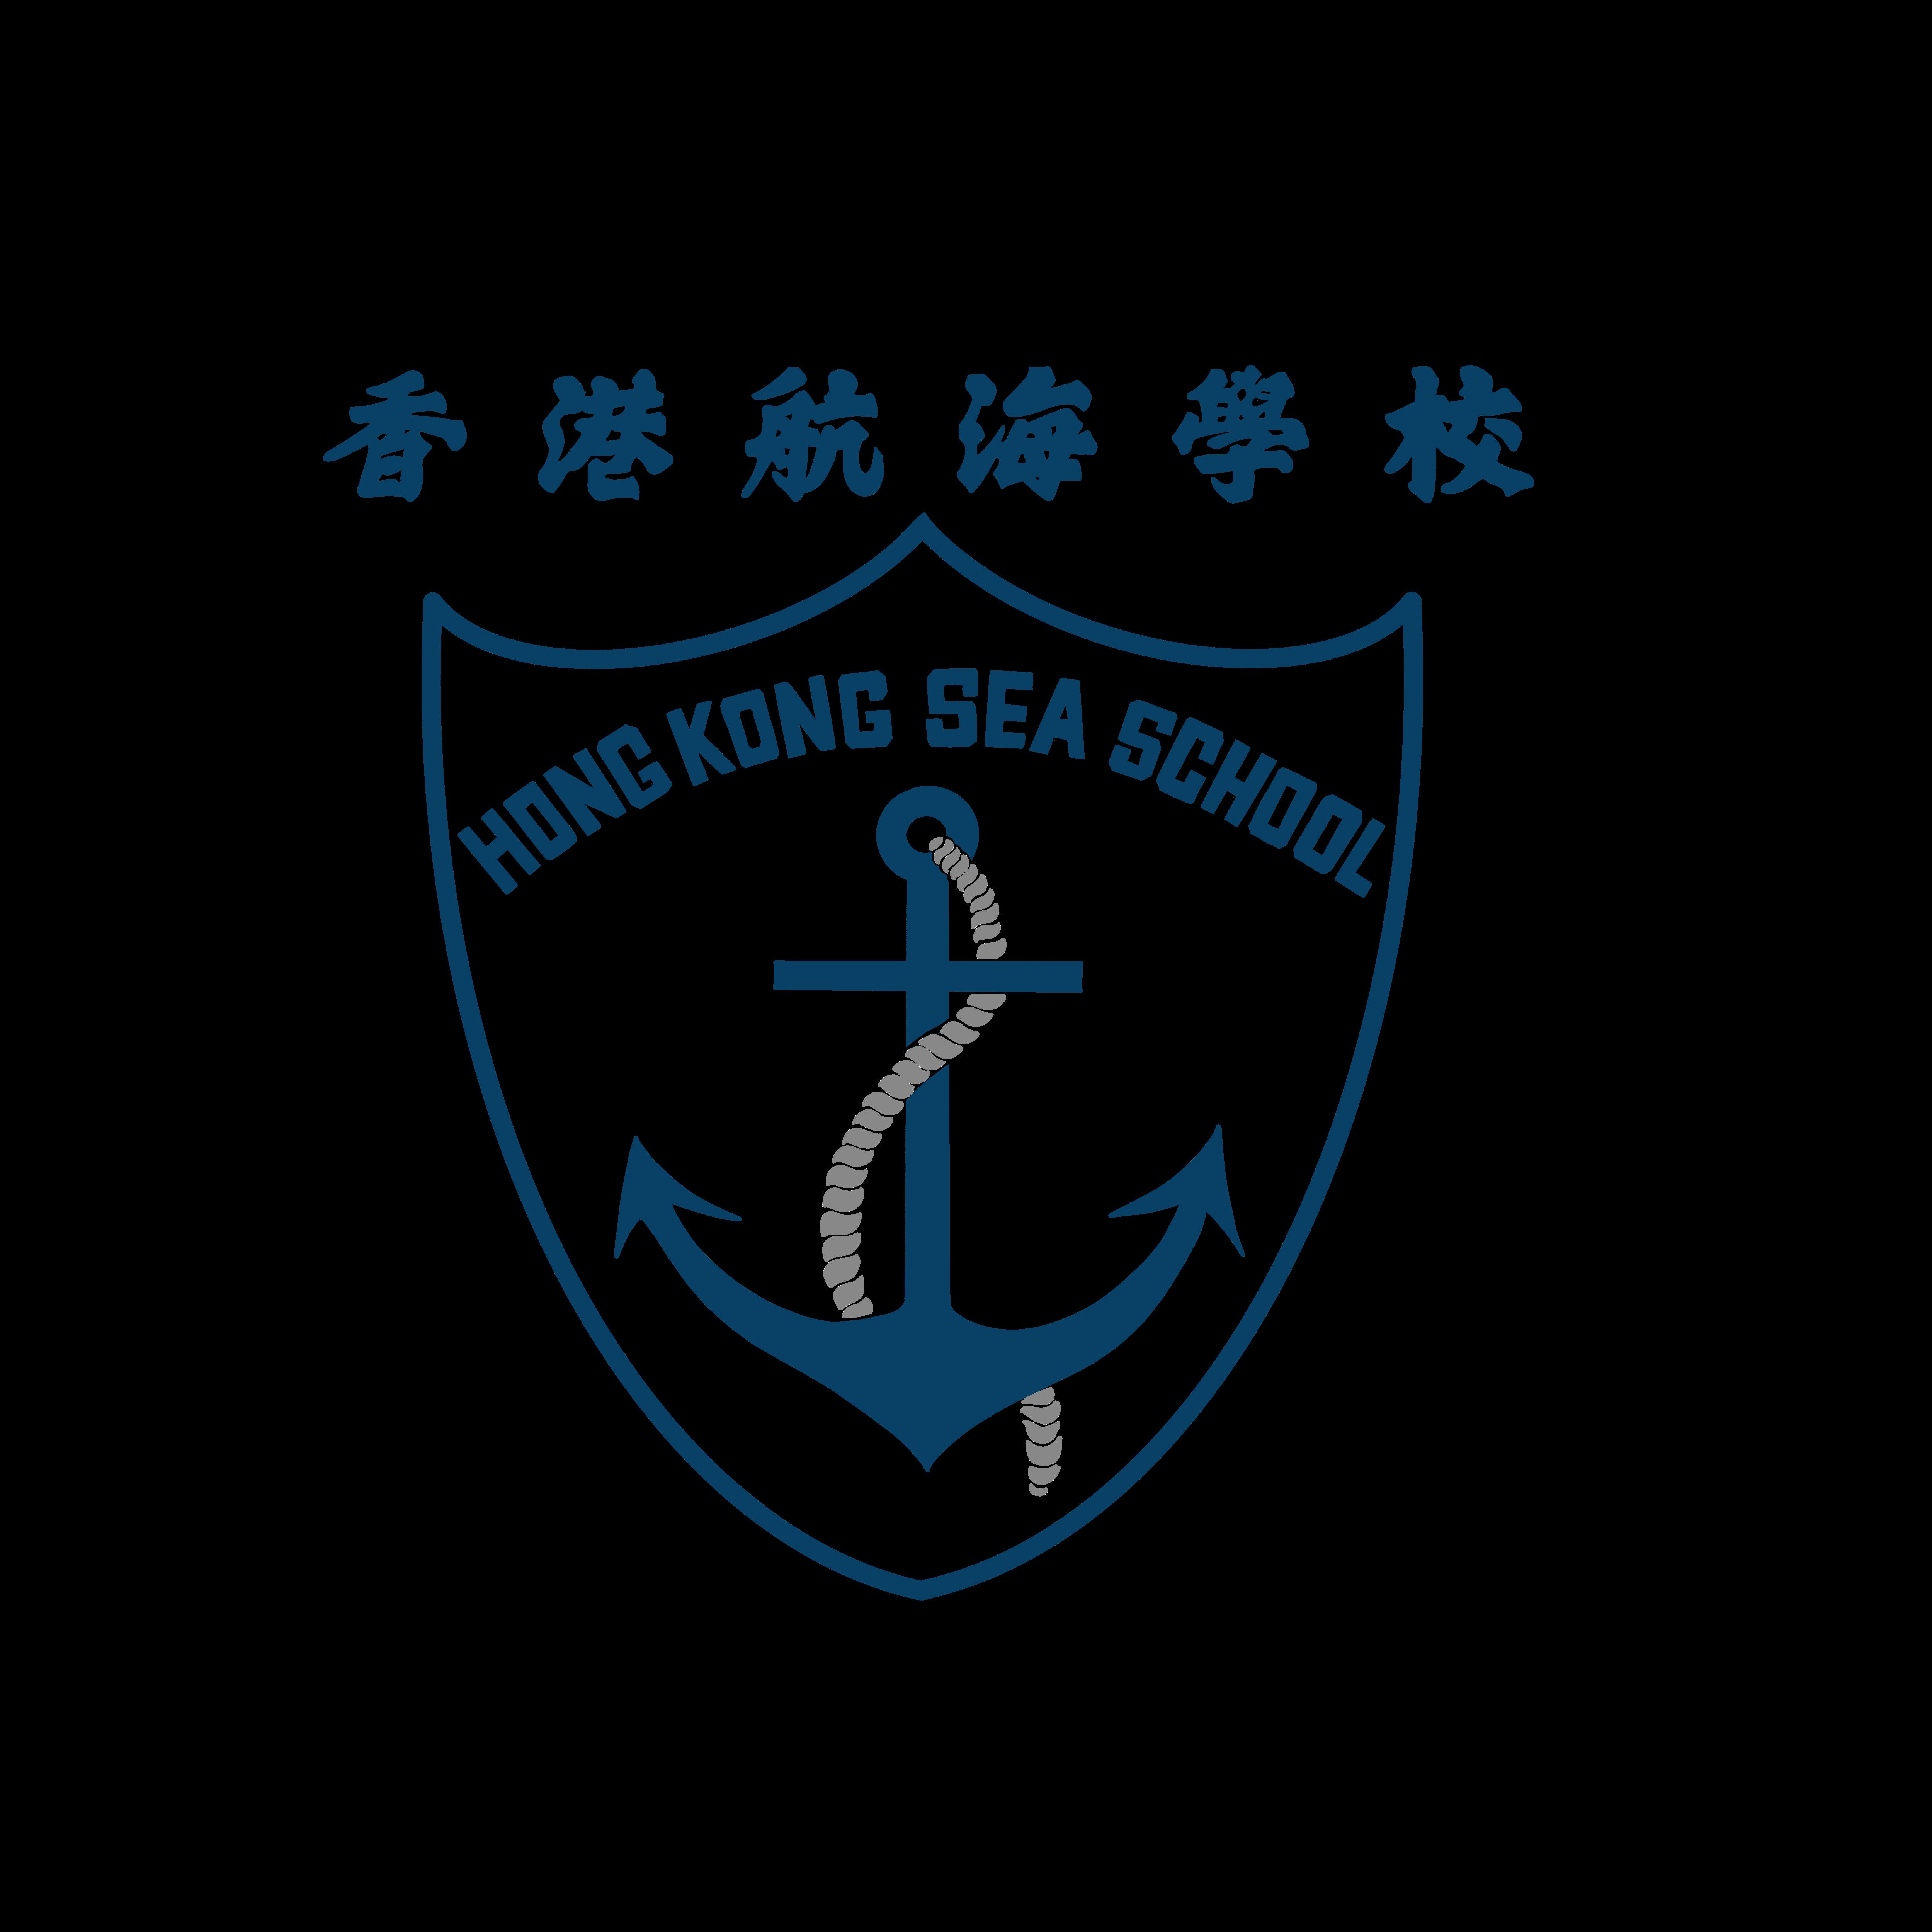 Hong Kong Sea School